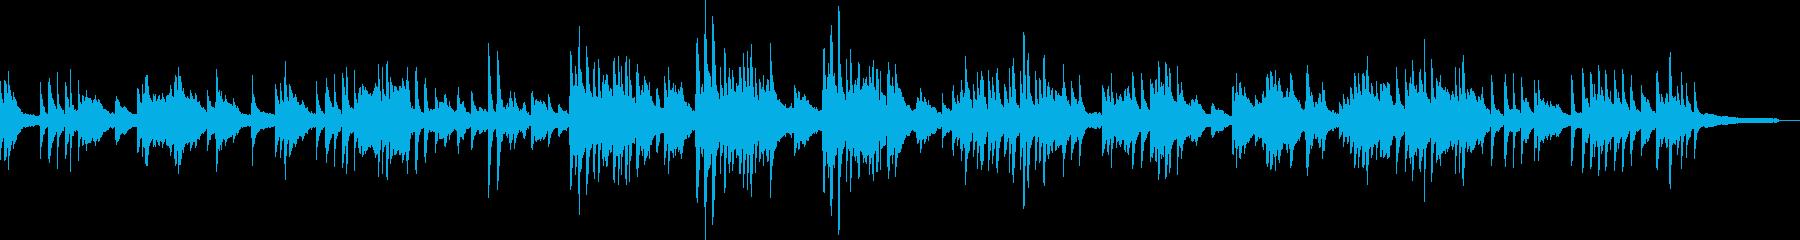 ピアノのシンプルで優しいメロディの再生済みの波形